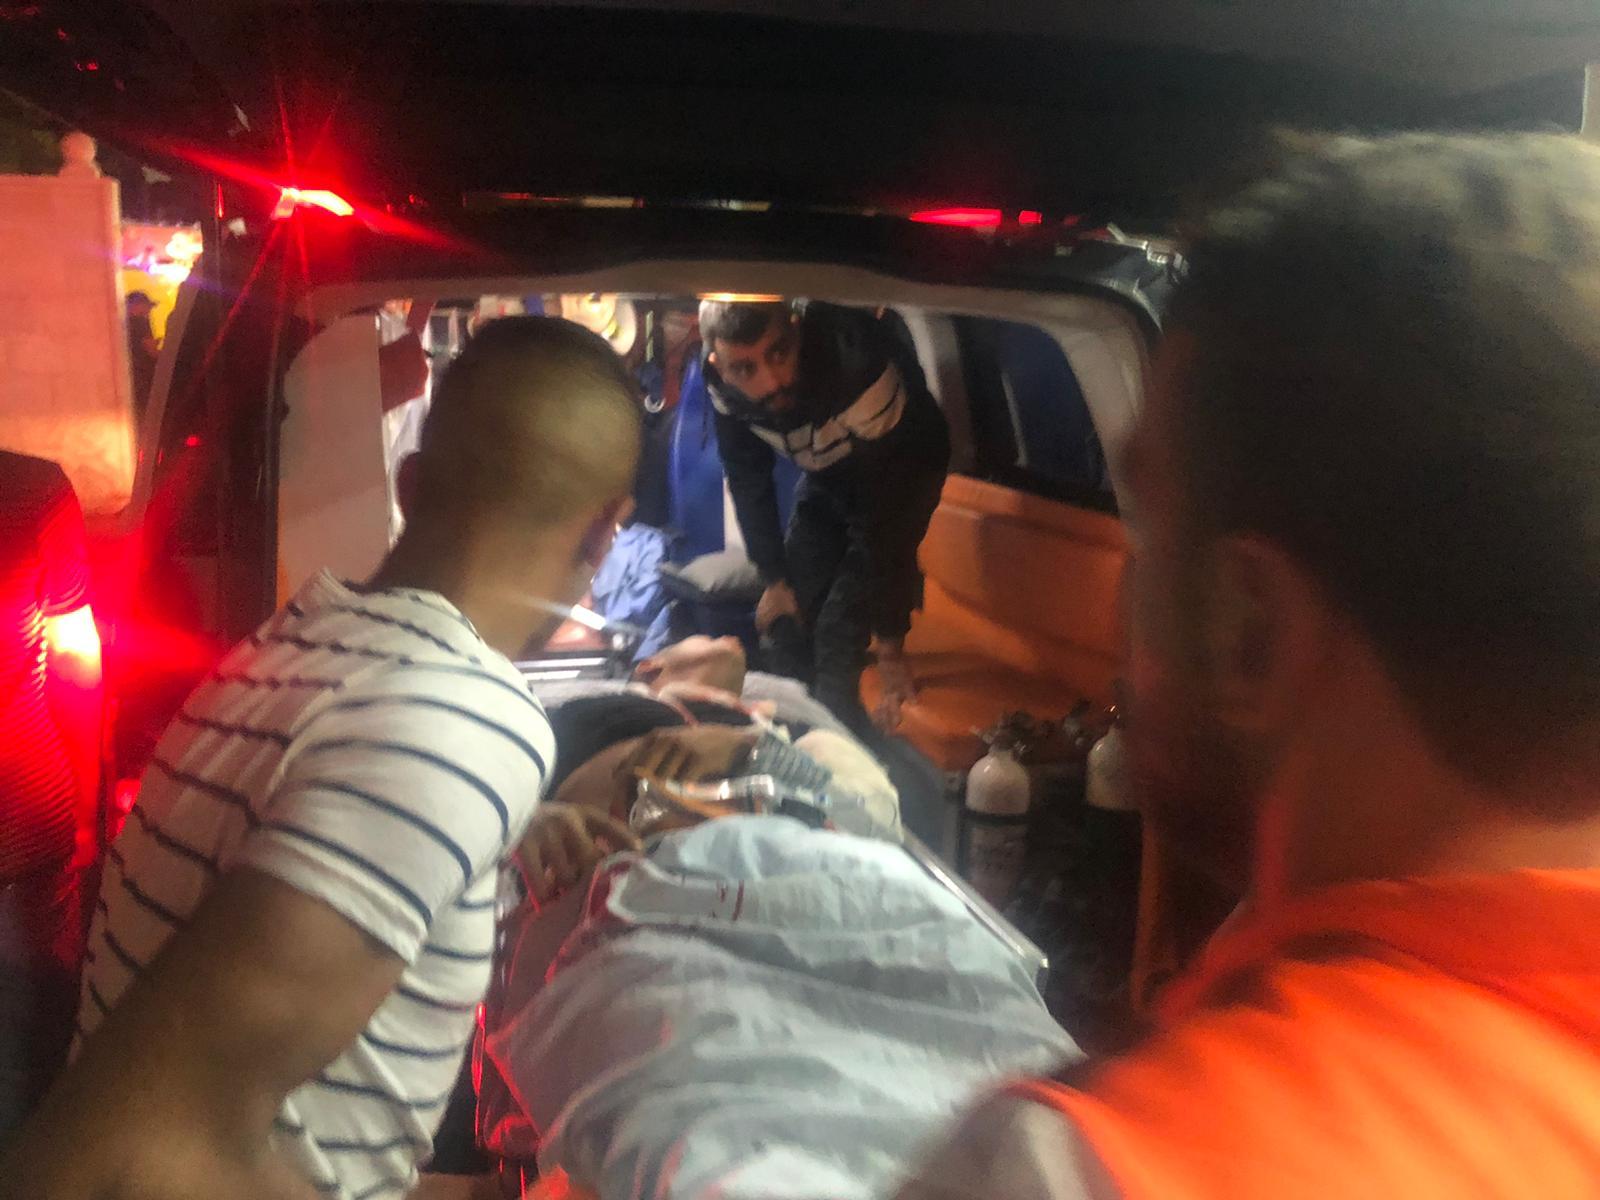 """مجزرة في جنين.. """"4"""" شهداء اختطفت إسرائيل منهم اثنين خلال اشتباكات مسلحة """"فيديو"""""""